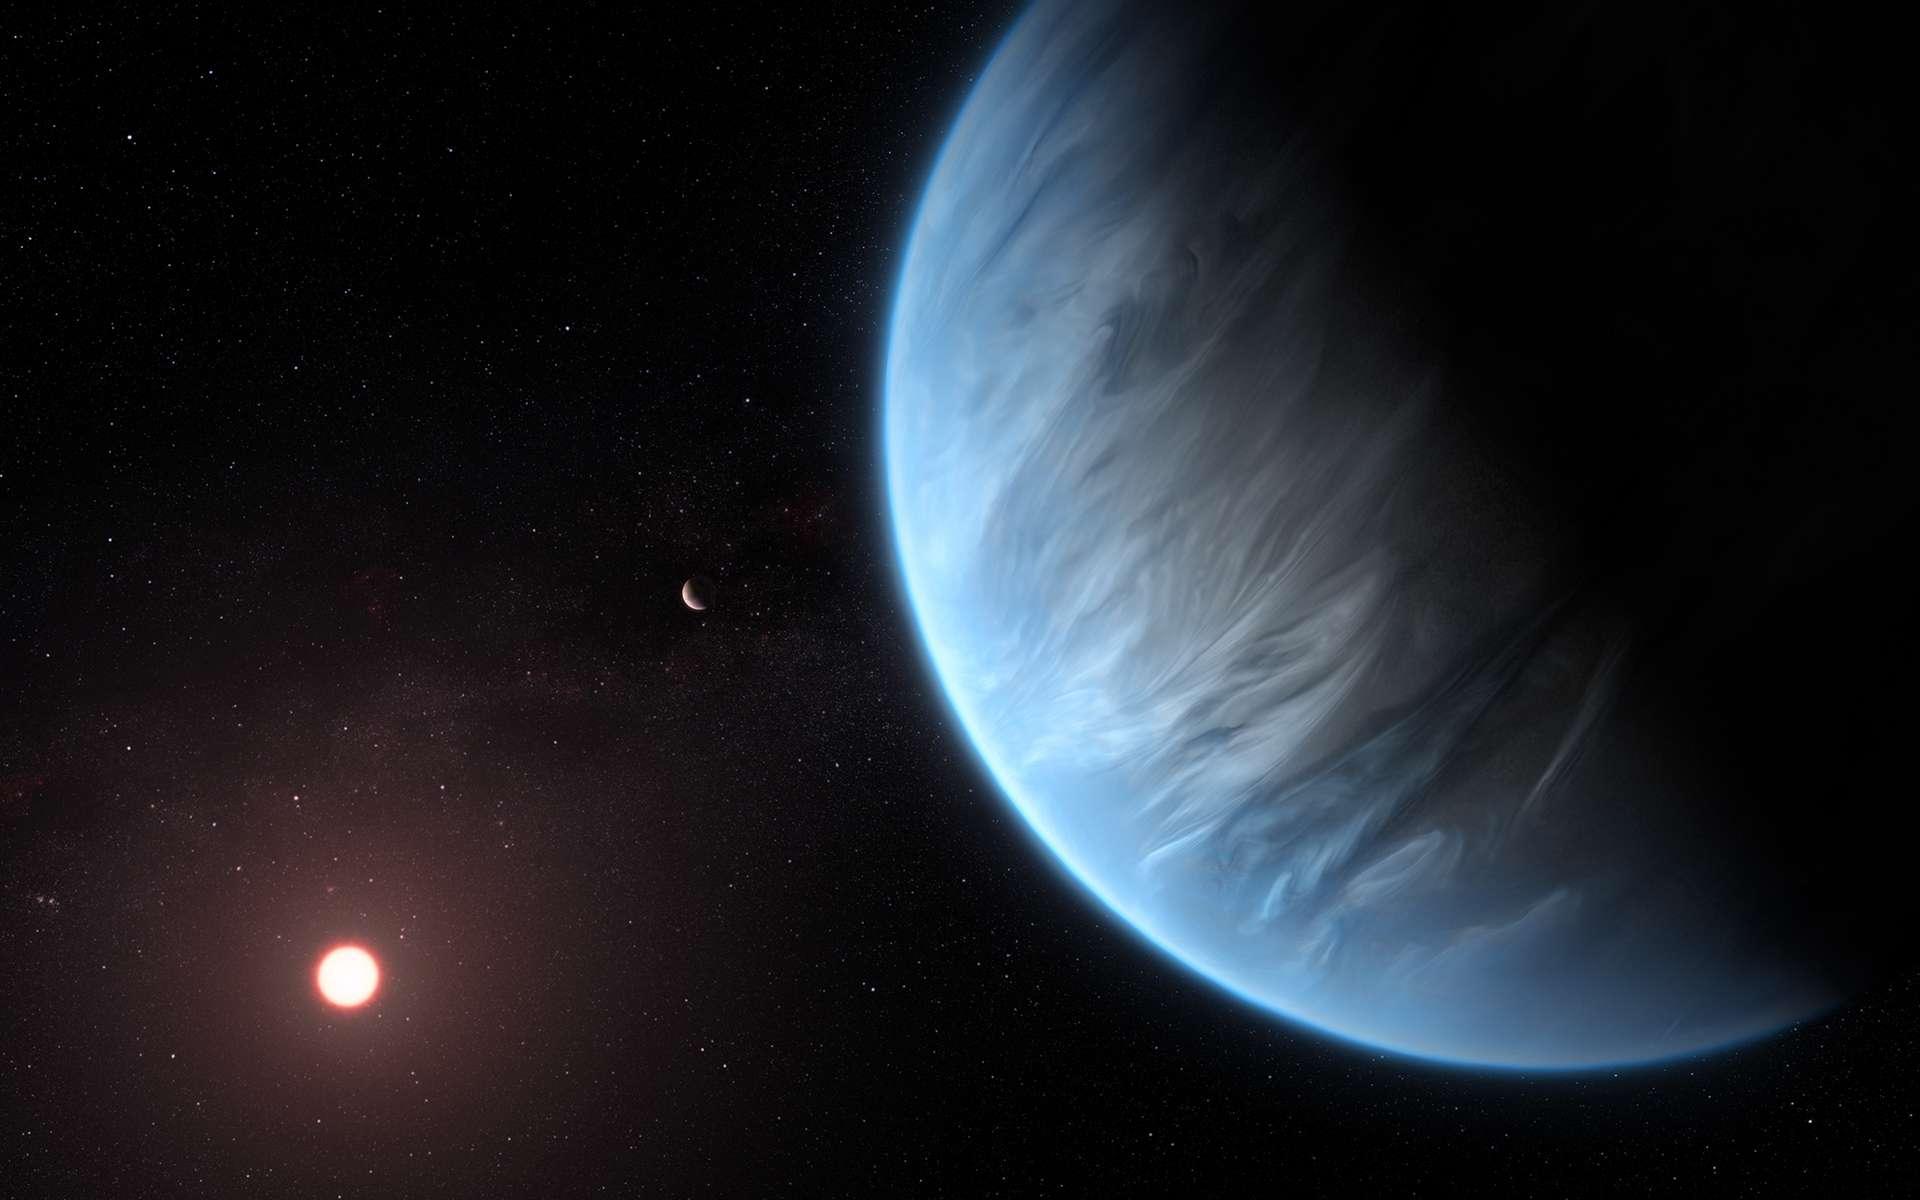 Vue d'artiste de l'exoplanète K2-18b autour de son étoile. © ESA, Hubble Science Team, M. Kornmesser